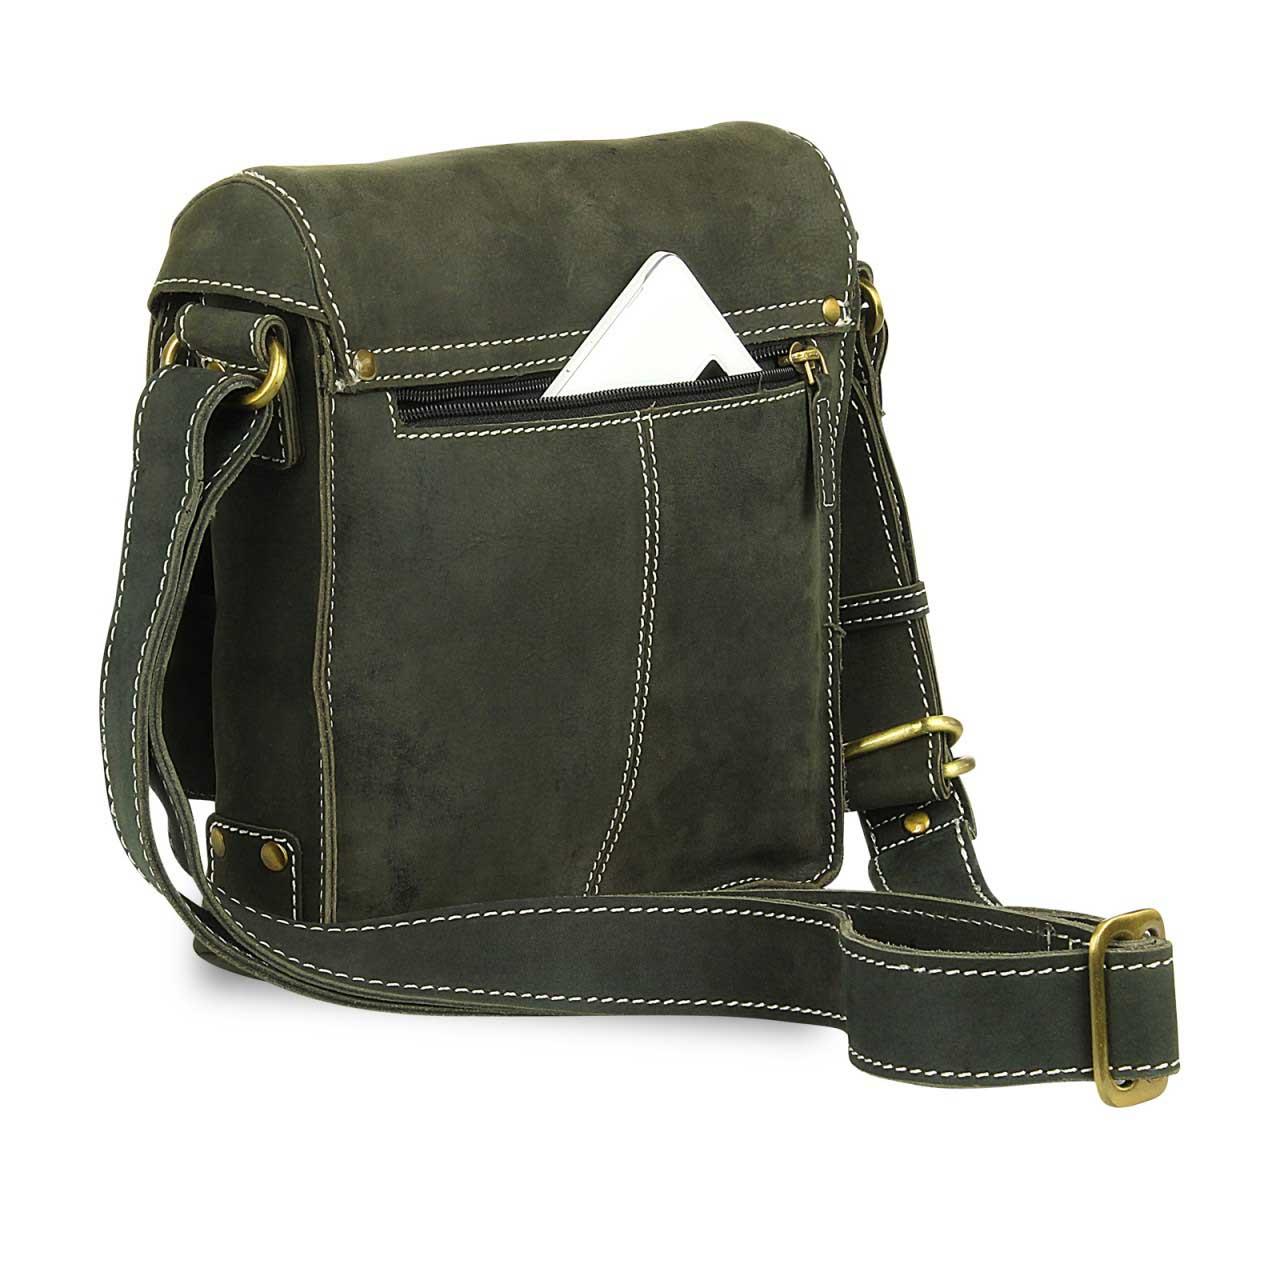 a8cb5b80a3e81 Kleine Umhängetasche Tablet-Tasche Messenger Bag Leder Oliv-Grün